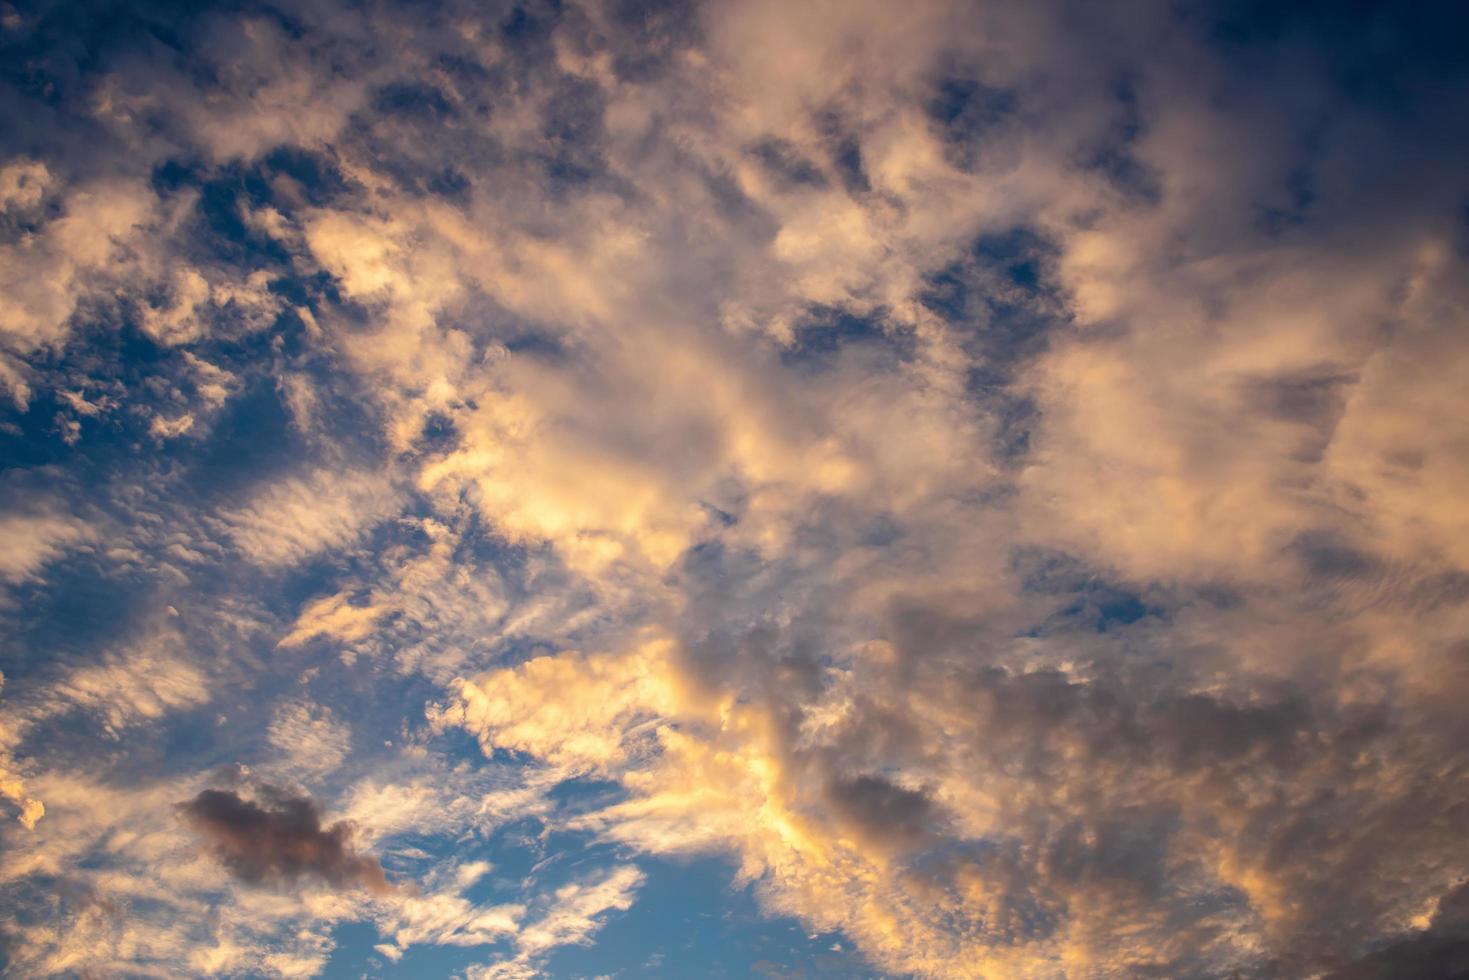 Golden hour sky photo